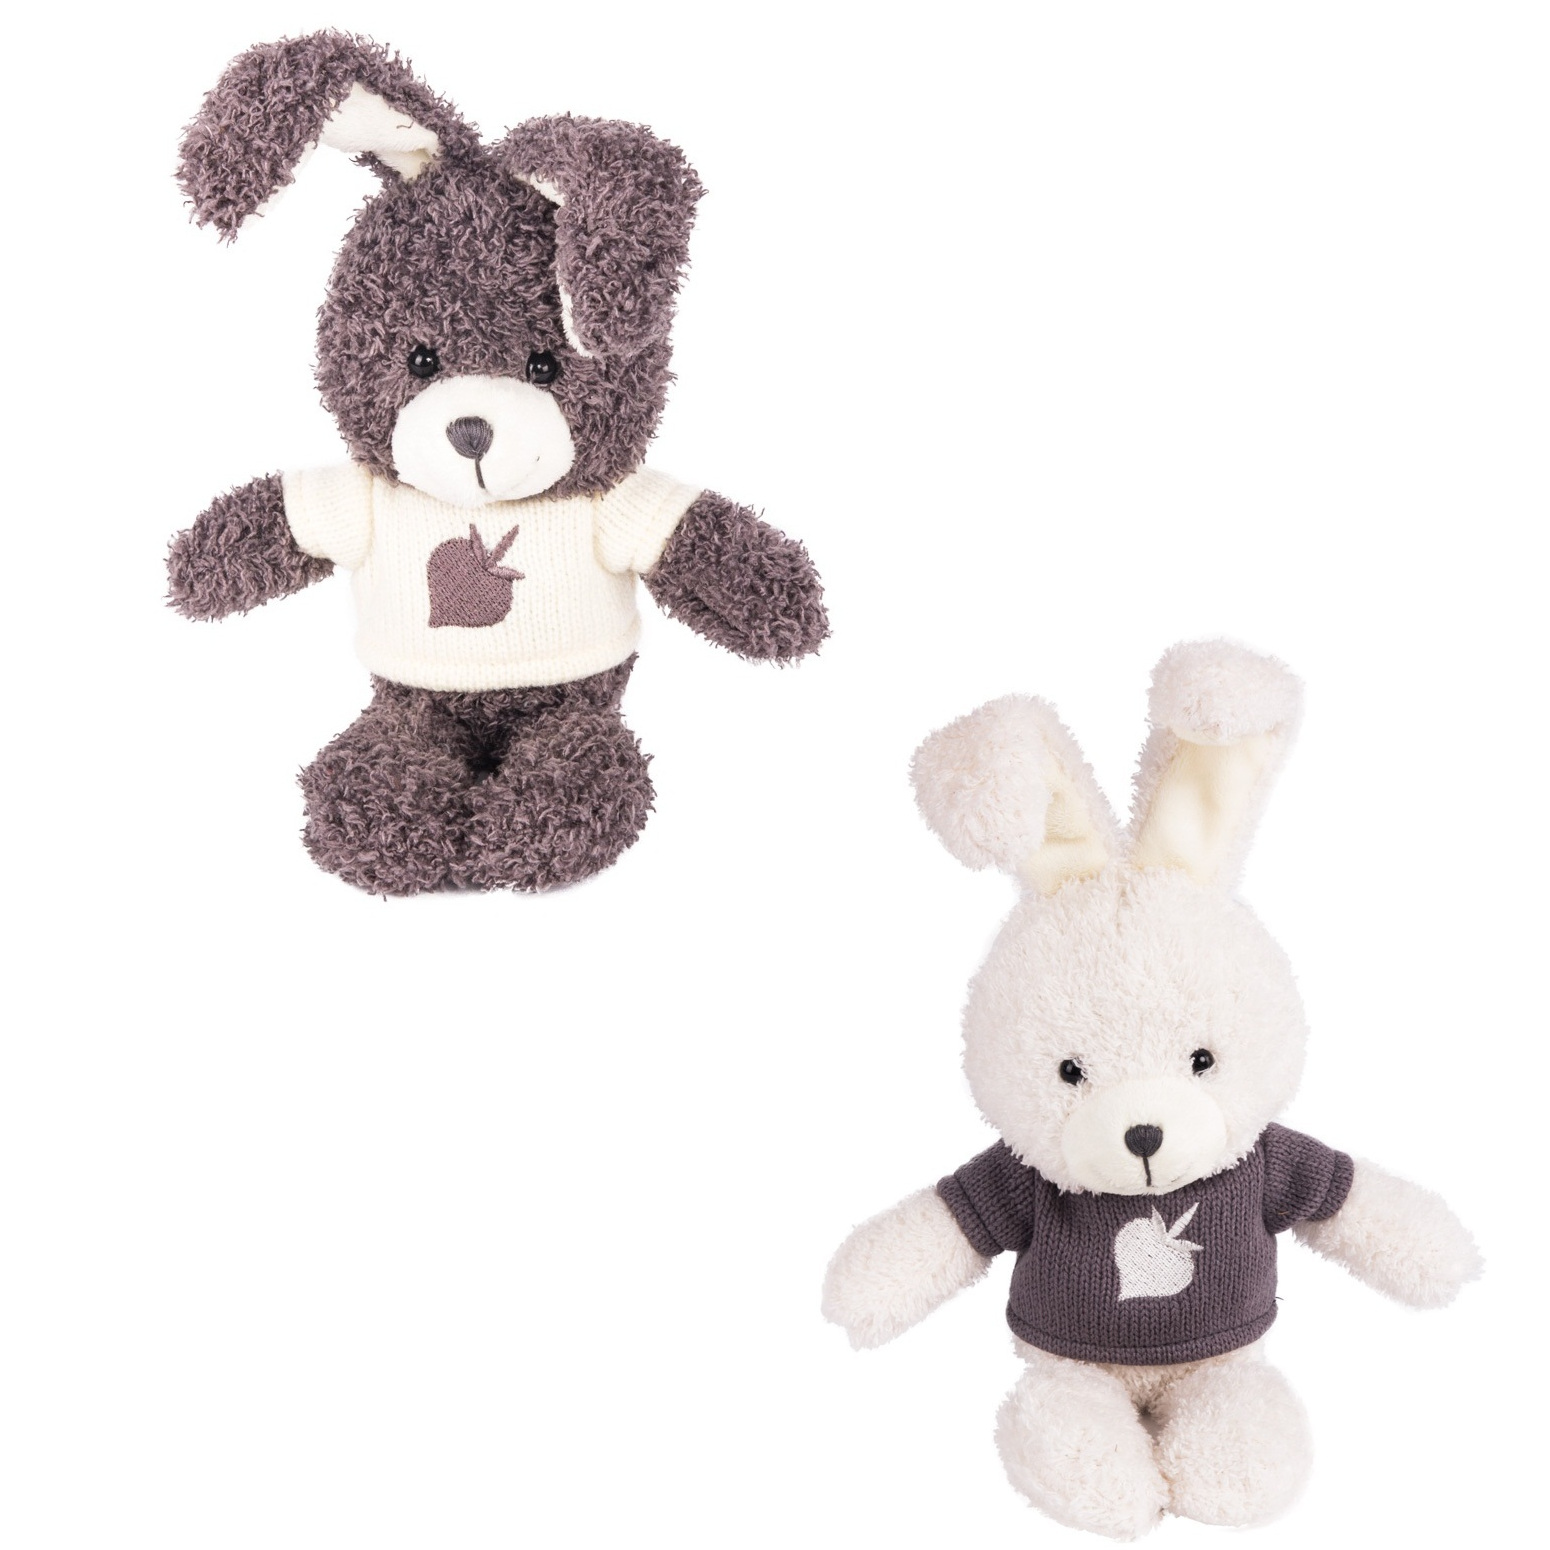 Мягкая игрушка - Зайчик Билли, белый/серый, 25 смЗайцы и кролики<br>Мягкая игрушка - Зайчик Билли, белый/серый, 25 см<br>